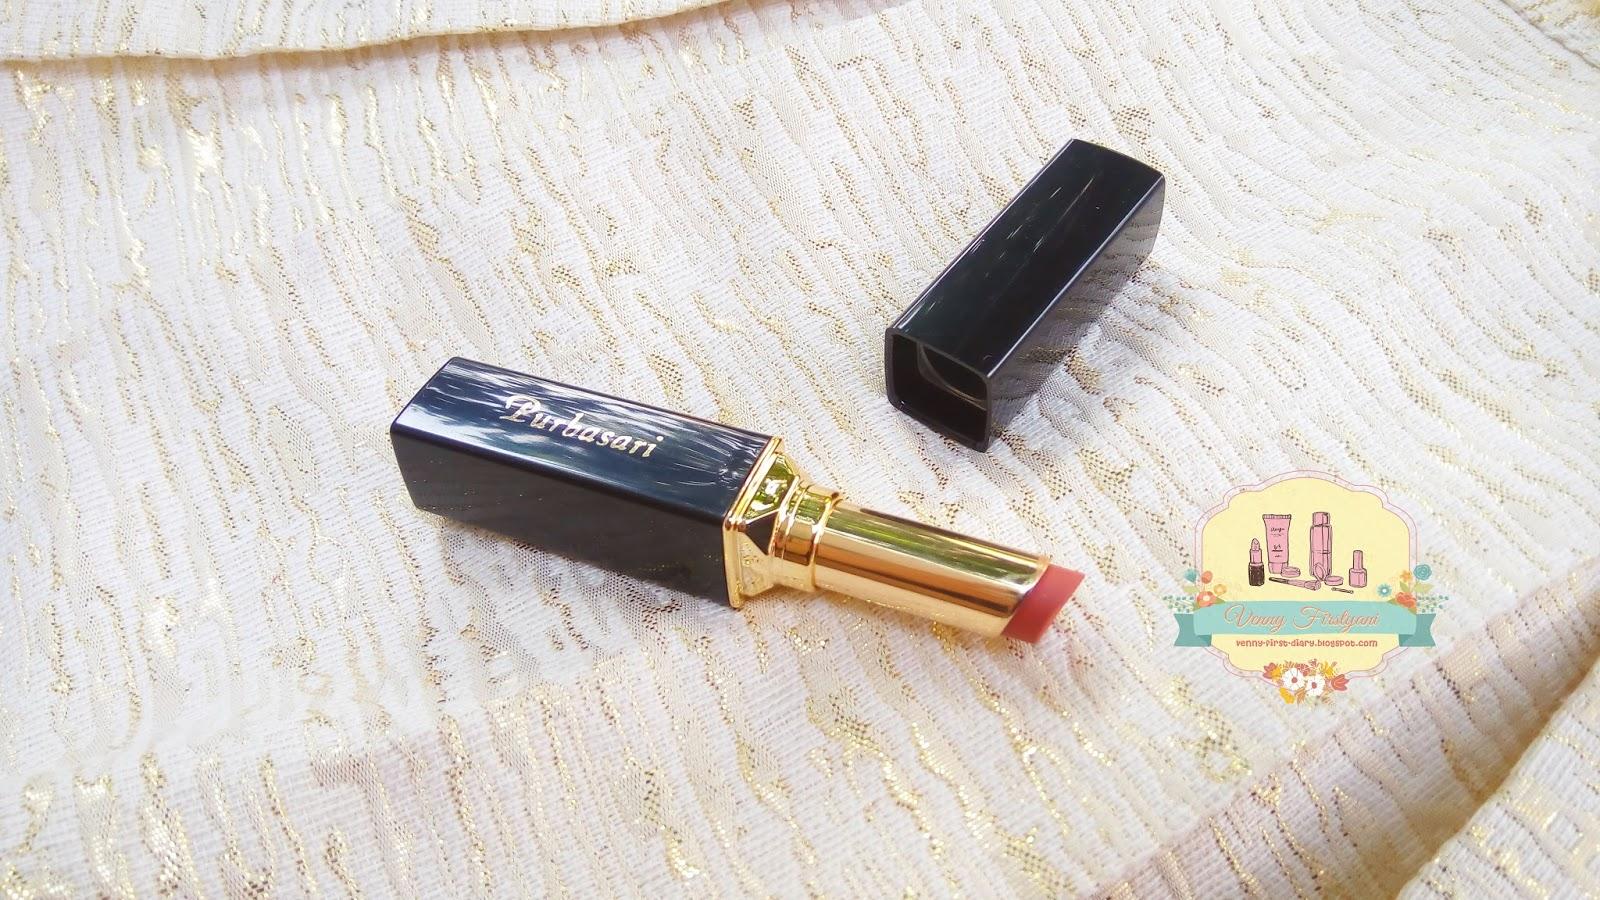 Purbasari Lipstick Color Matte Shade 90 Crystal Review Venny Firstyani Lipstik Collor Hadir Dalam 10 Shades Warna Yang Sudah Diformulasikan Untuk Bibir Wanita Indonesia Tetapi Catatanku Sepertinya